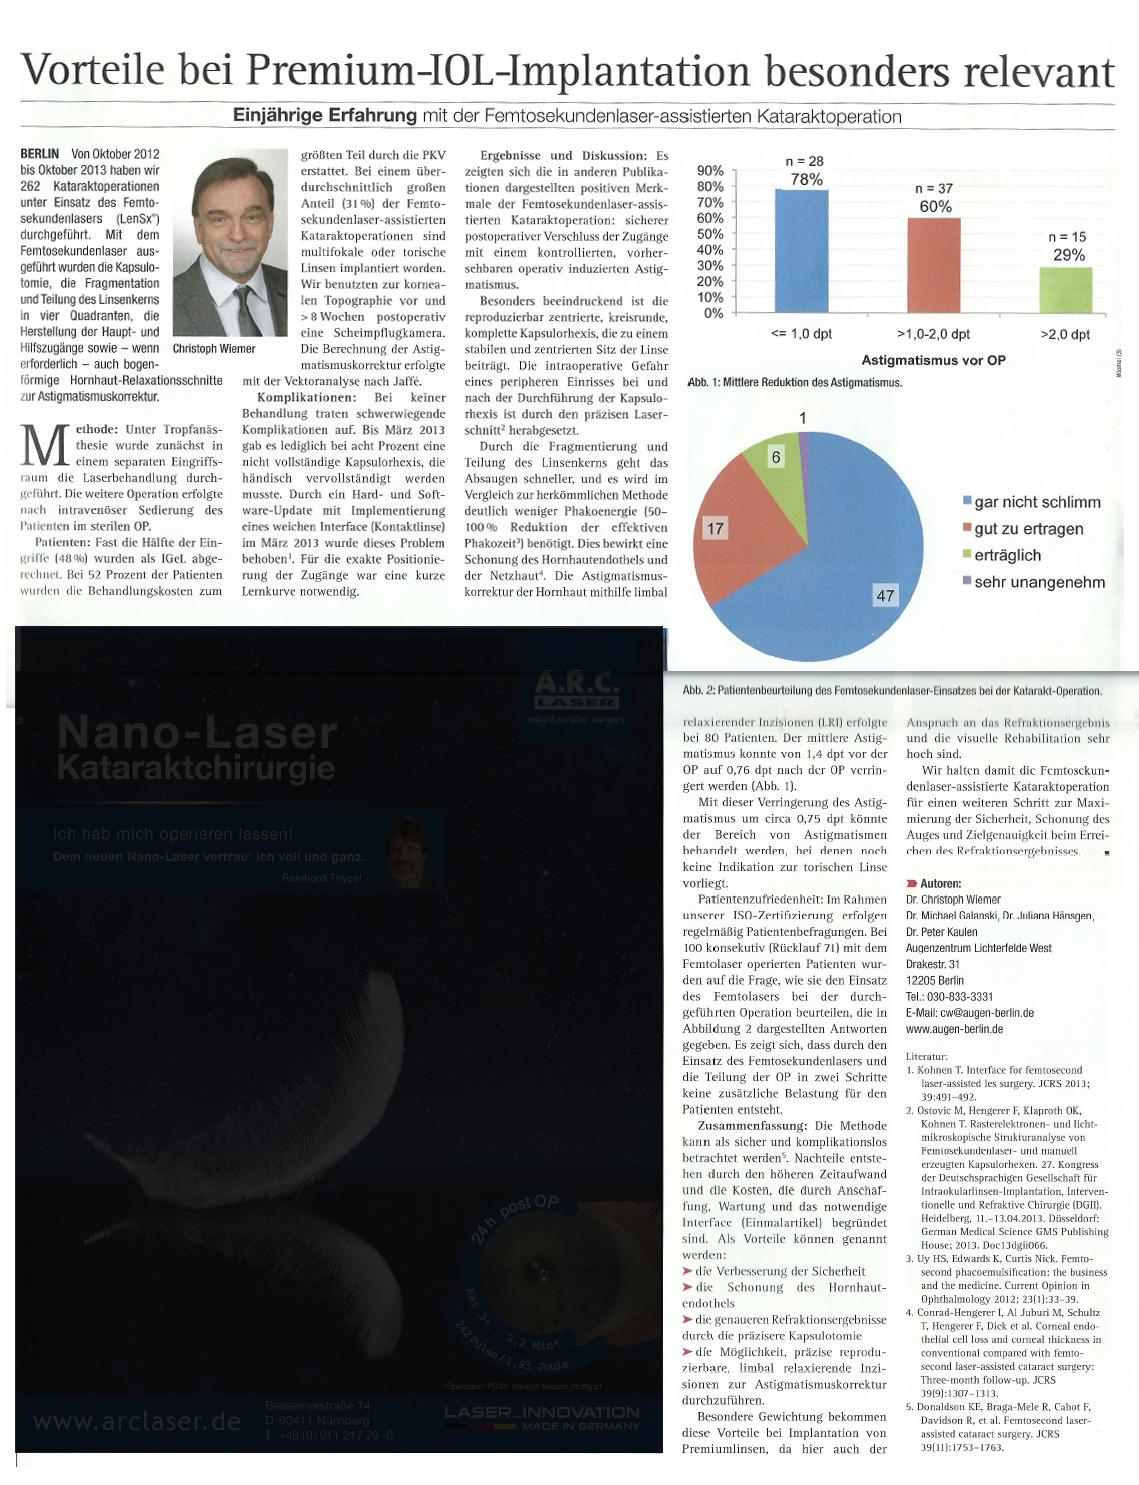 Ophtalm_Nachrichten